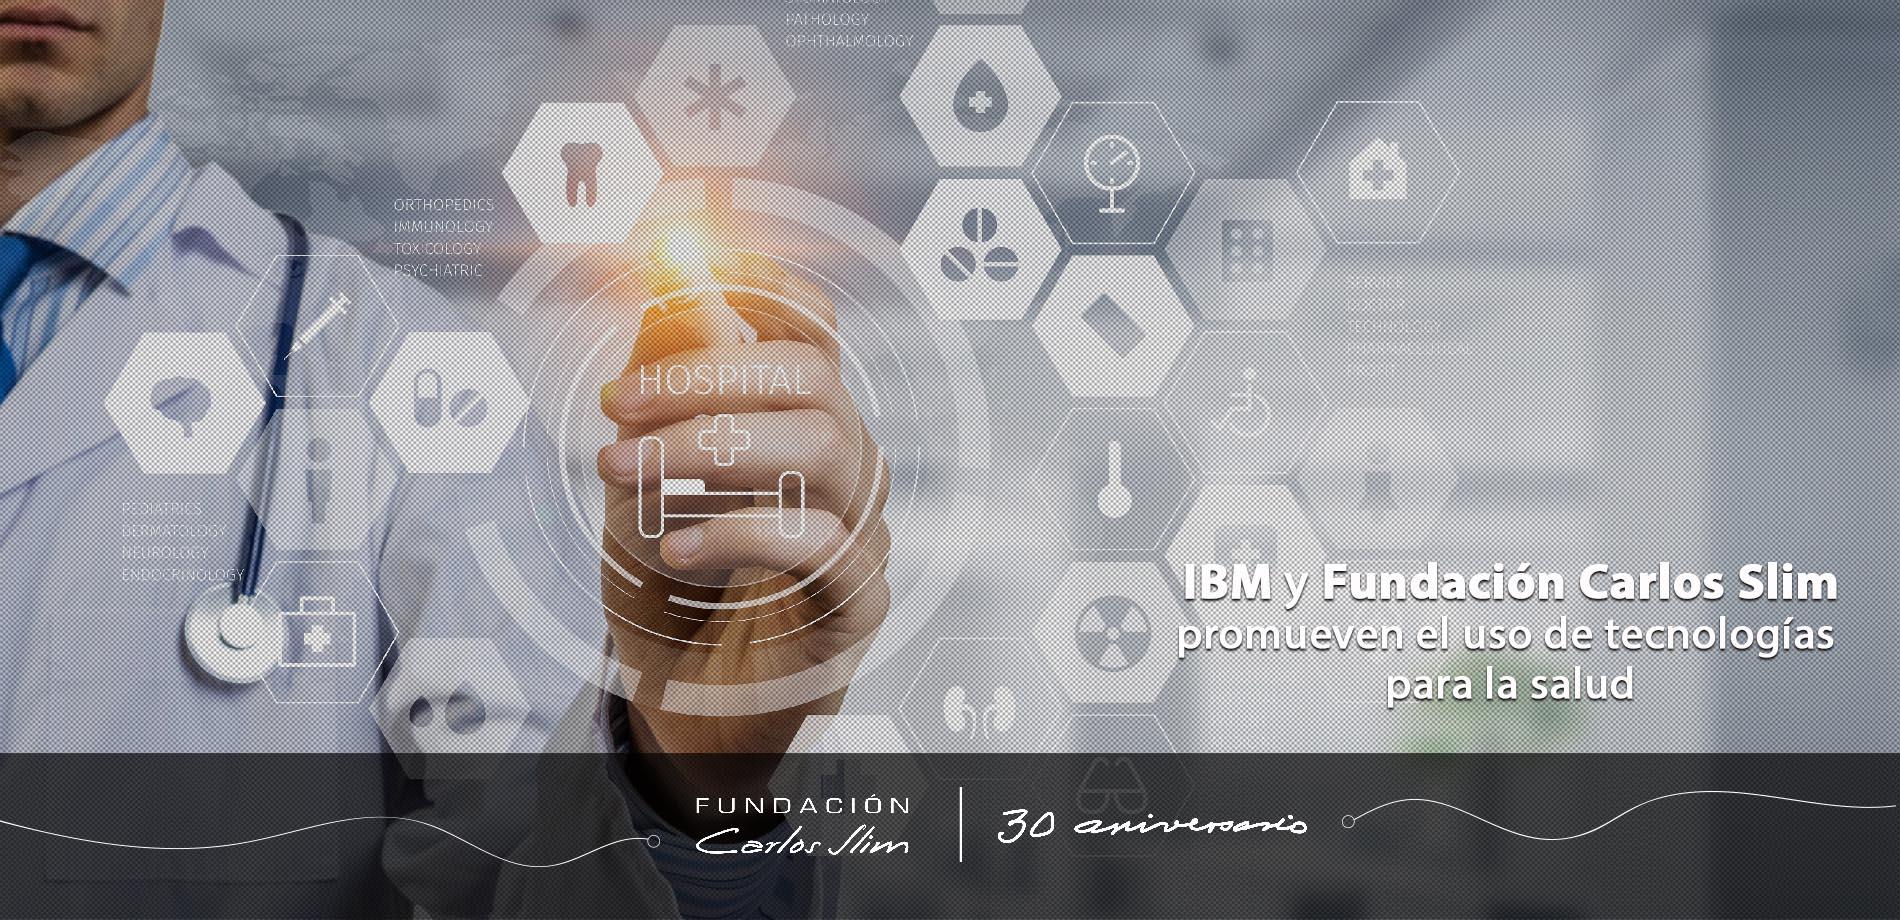 4 IBM y FCS promueven el uso de tecnologias para la salud